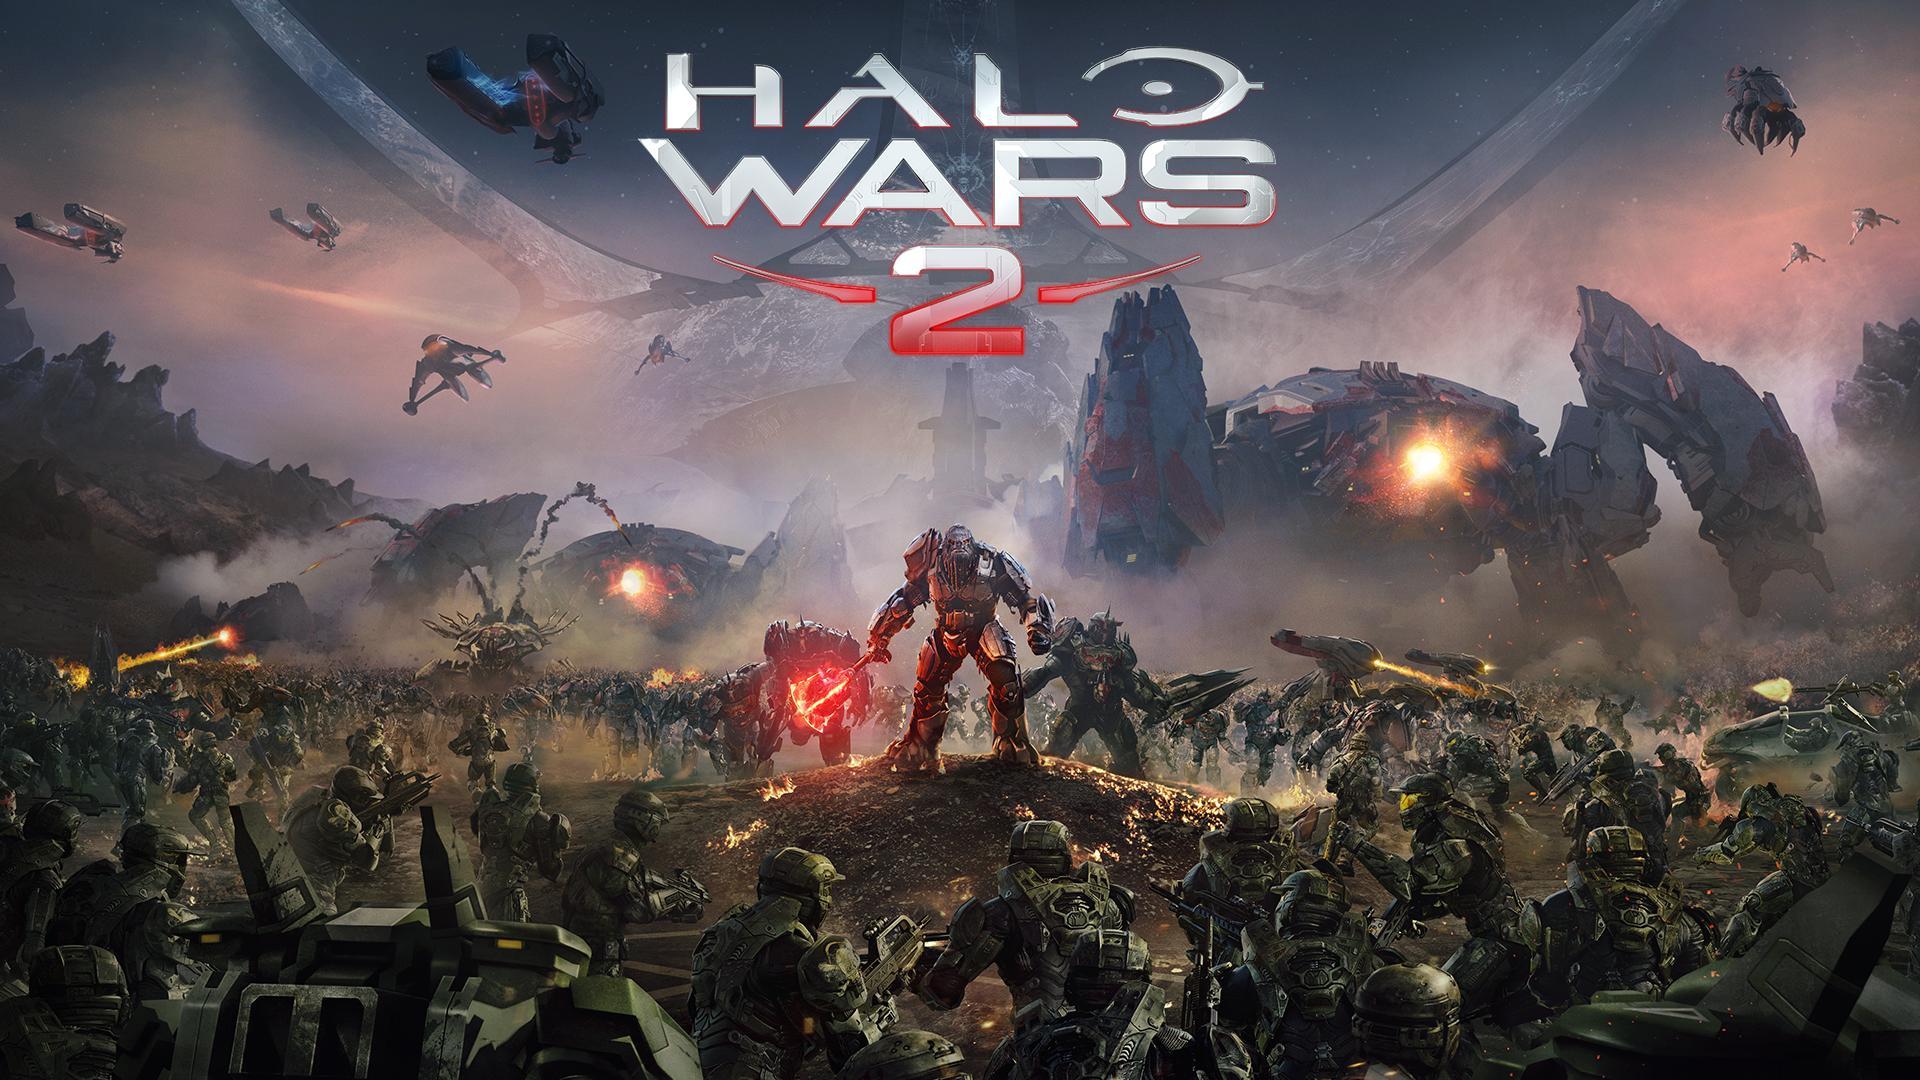 Halo Wars Y Halo Wars 2 Se Podran Jugar Gratis La Proxima Semana